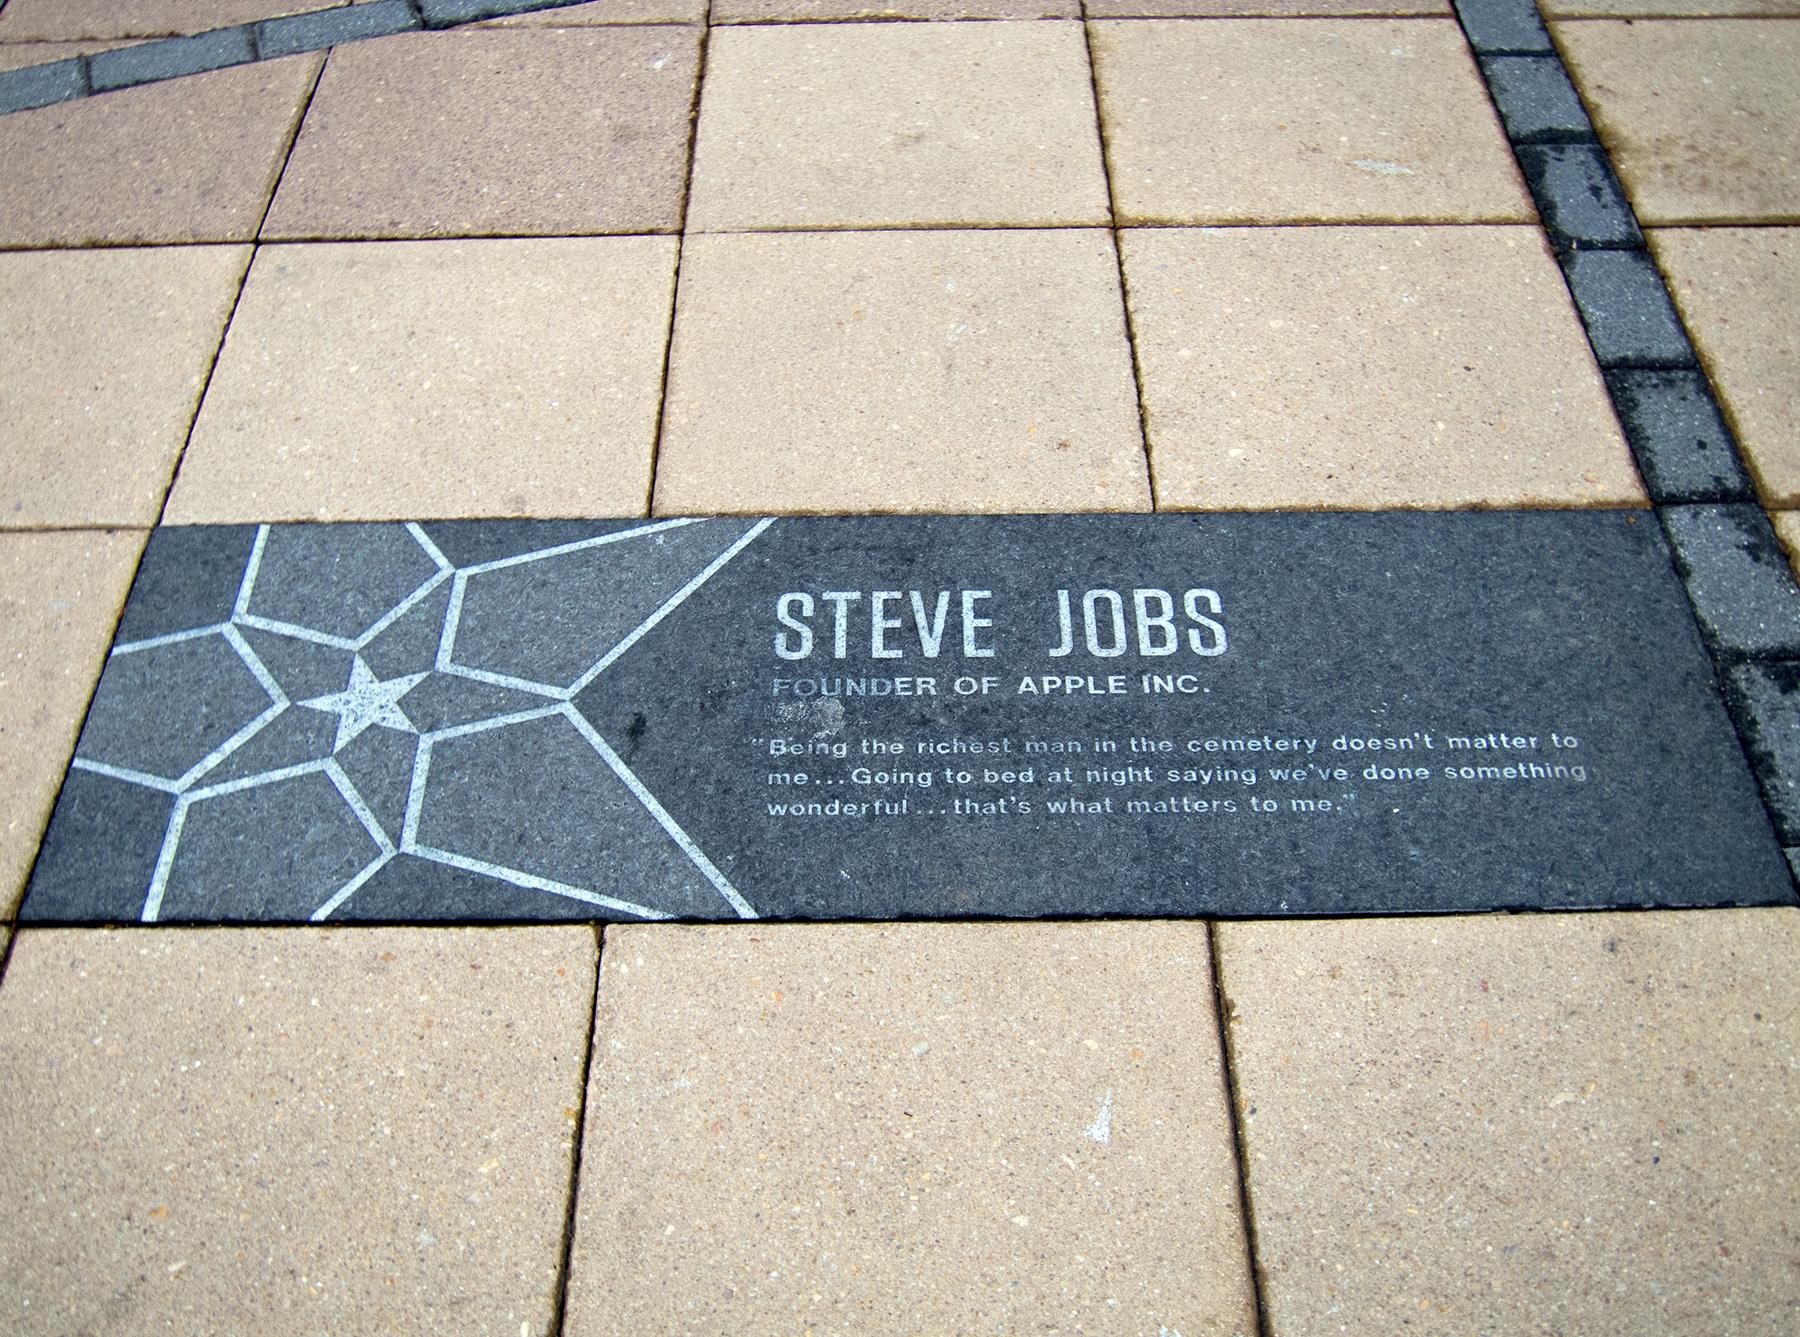 Placa para Steve Jobs no MIT